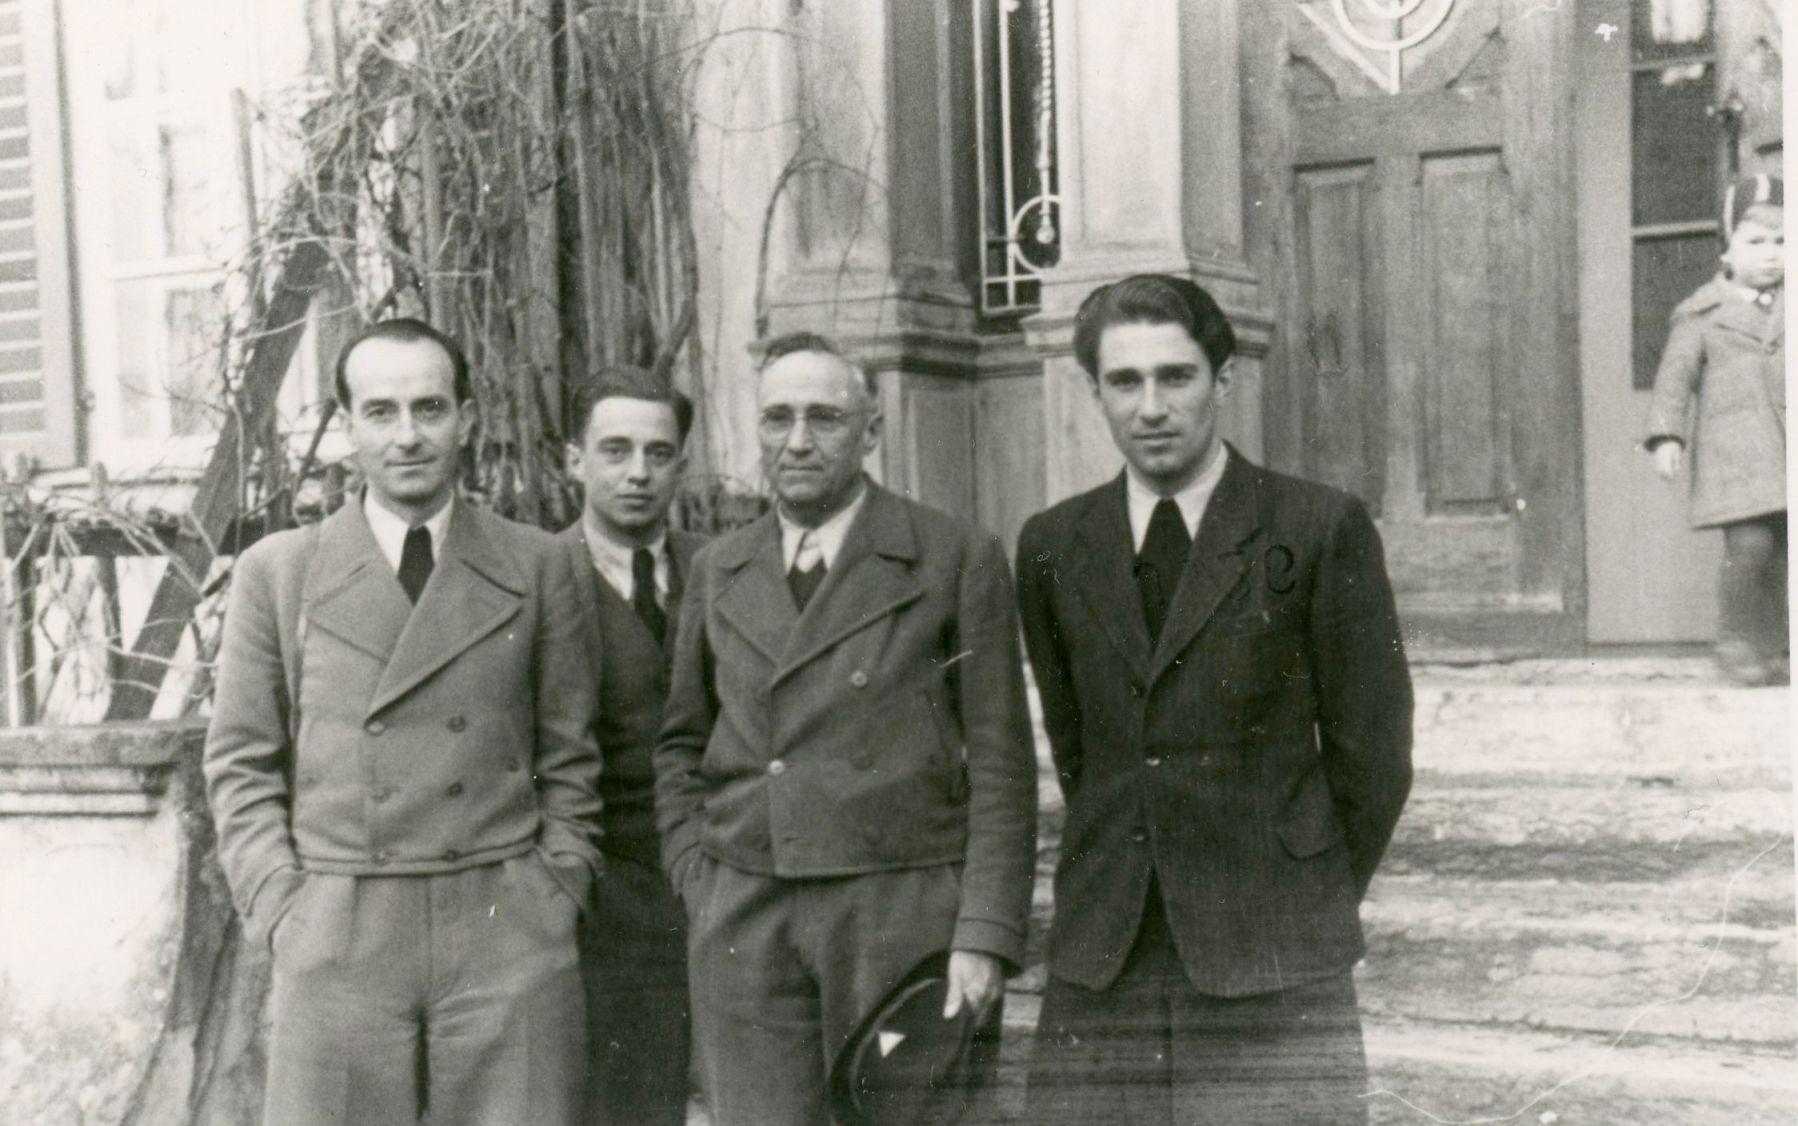 Josef Dittrich, Harry, Rudolf und Kurt Kastner vor der Villa im Herbst 1945  Foto 1945 zur Verfügung gestellt von Familie Dittrich